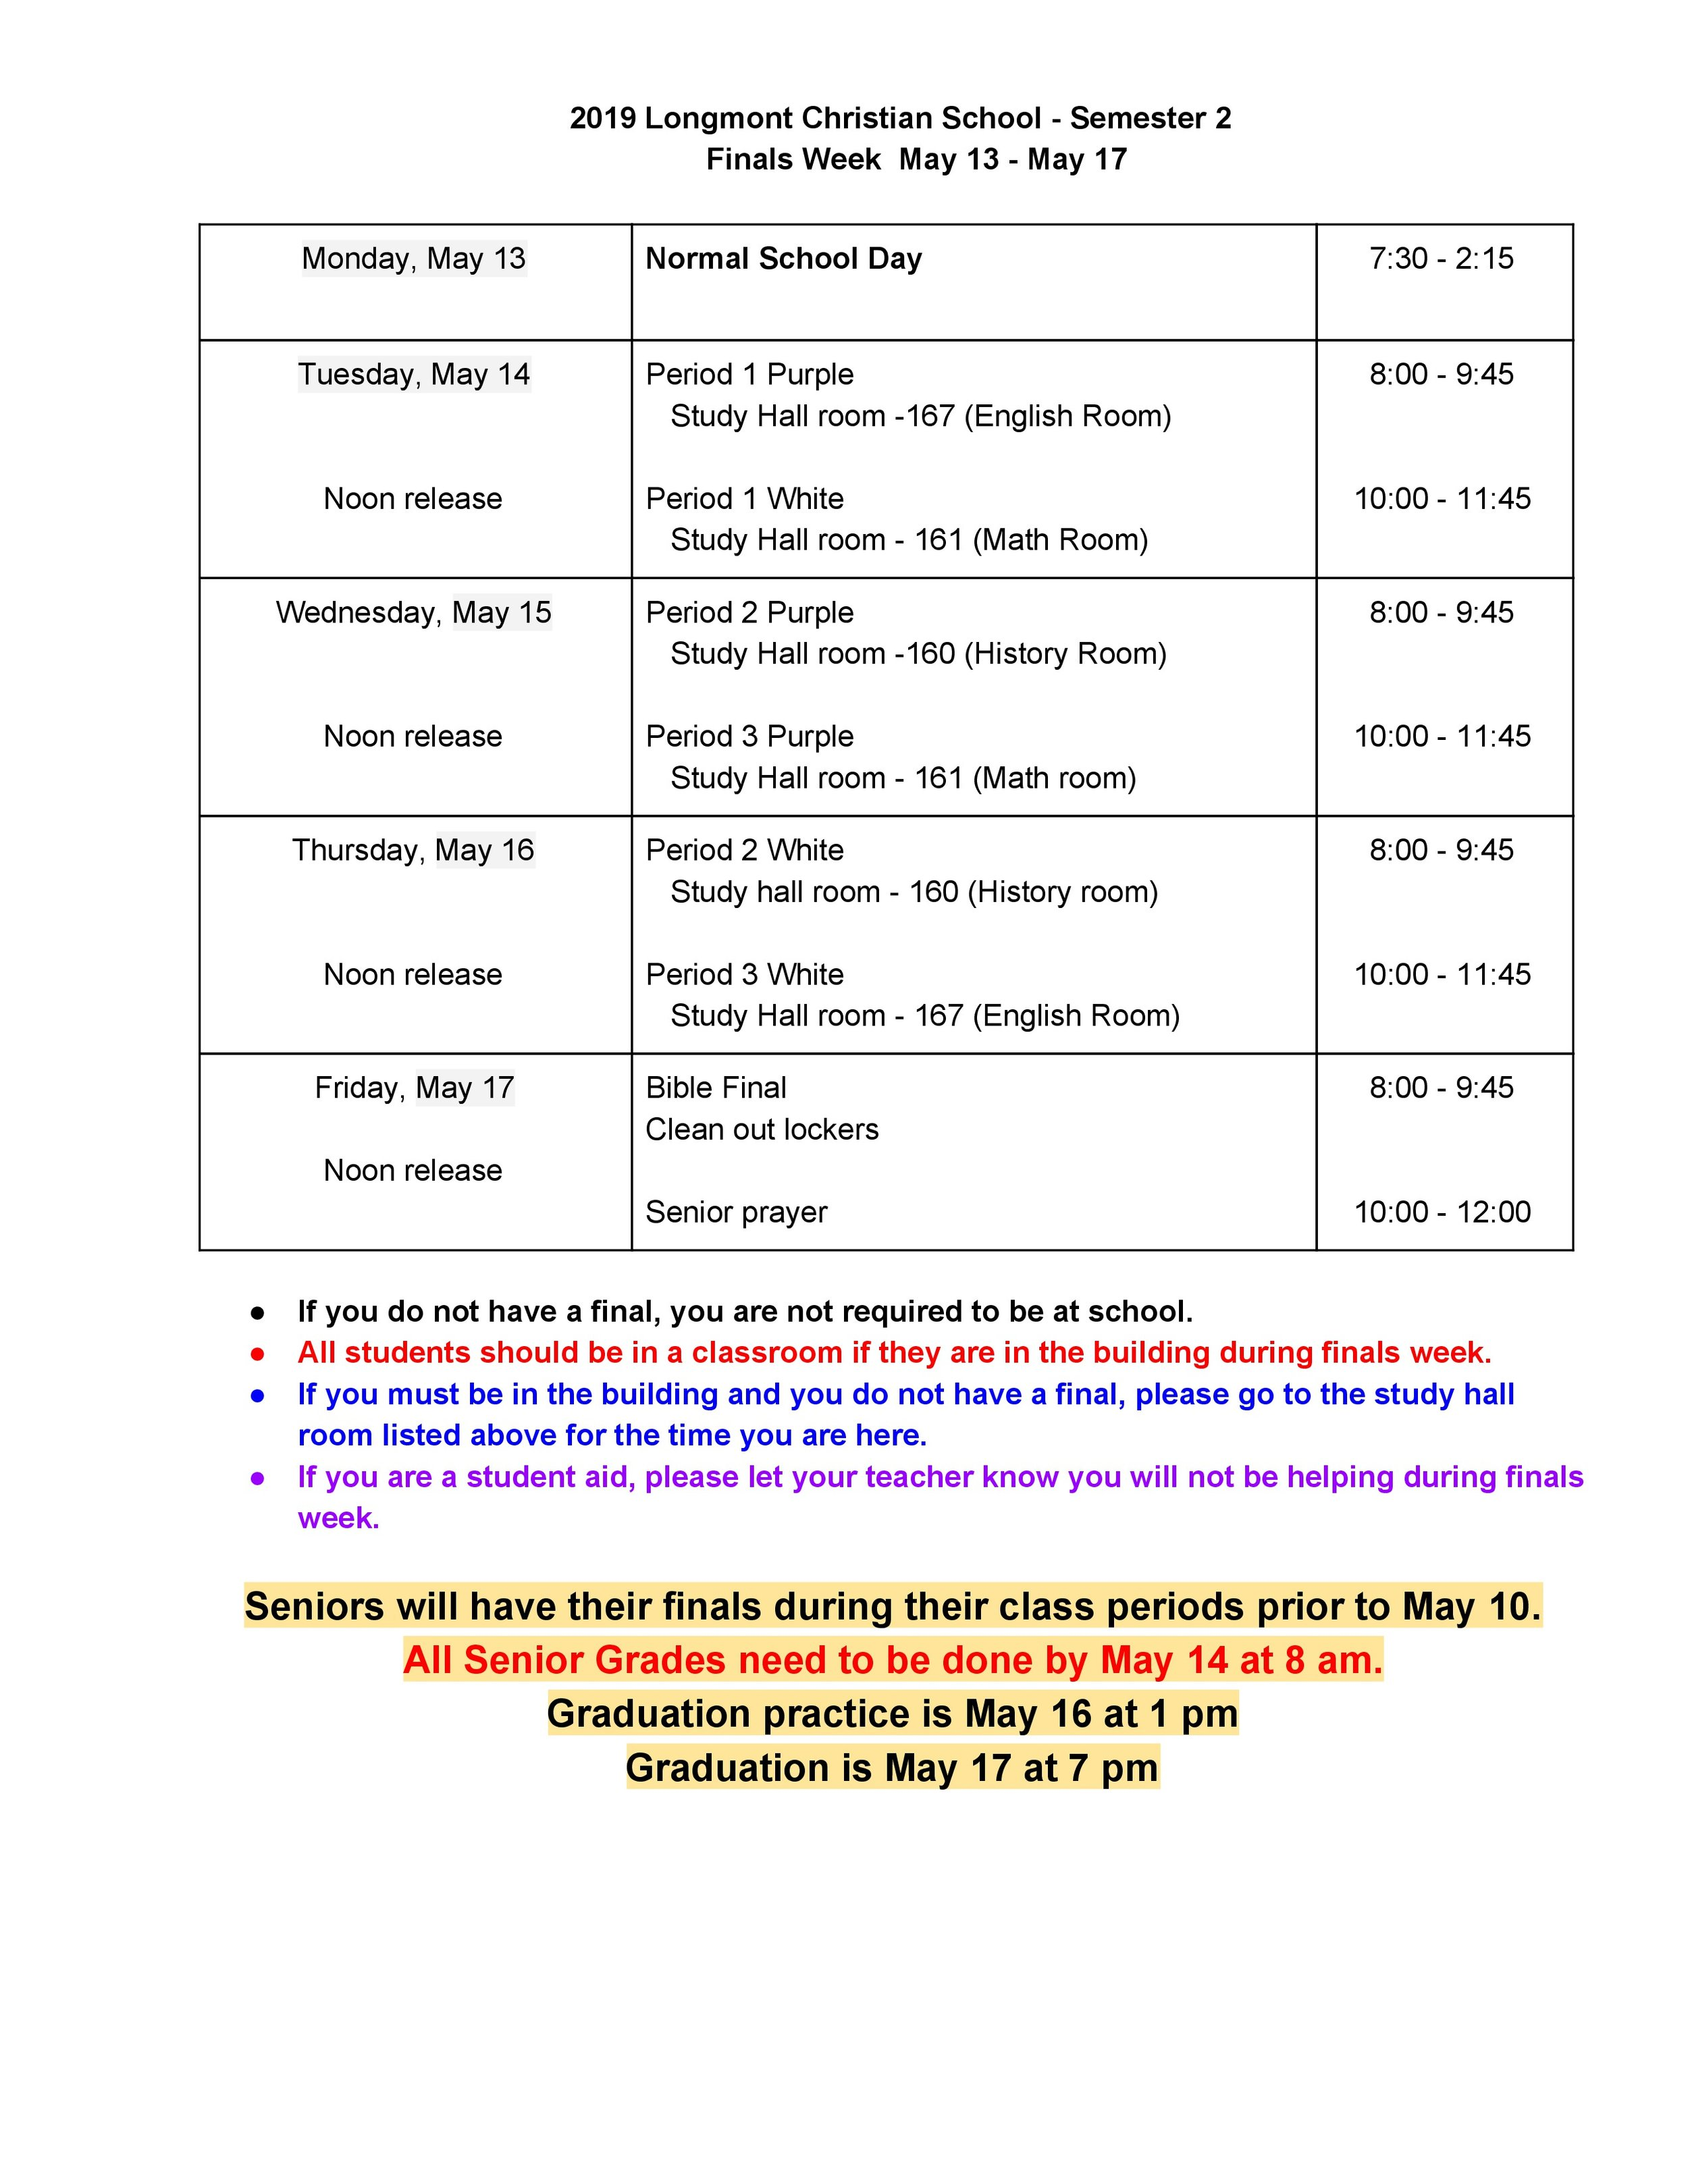 2018-19 Spring finals schedule-page-0.jpg